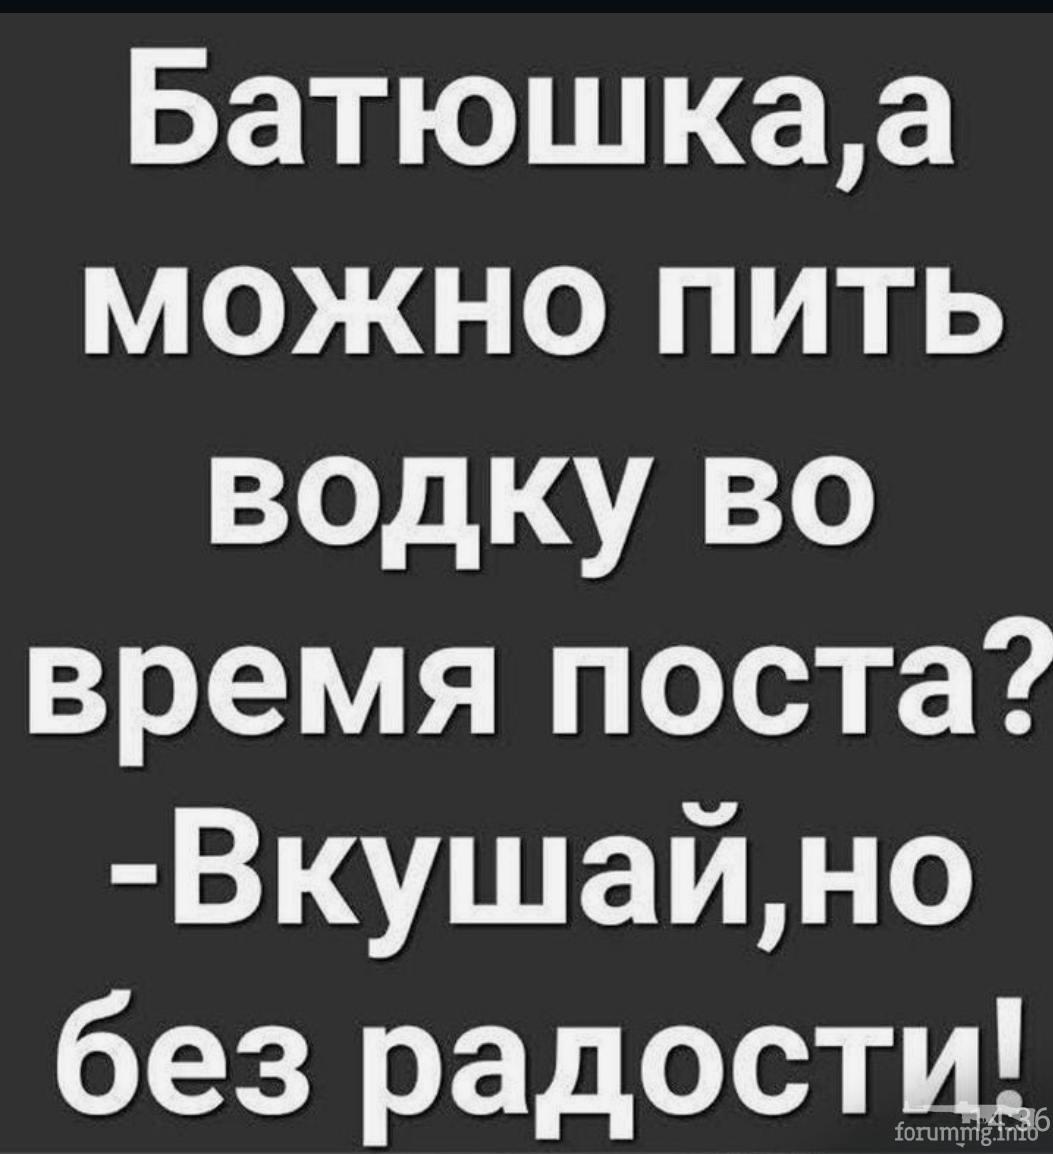 125967 - Пить или не пить? - пятничная алкогольная тема )))